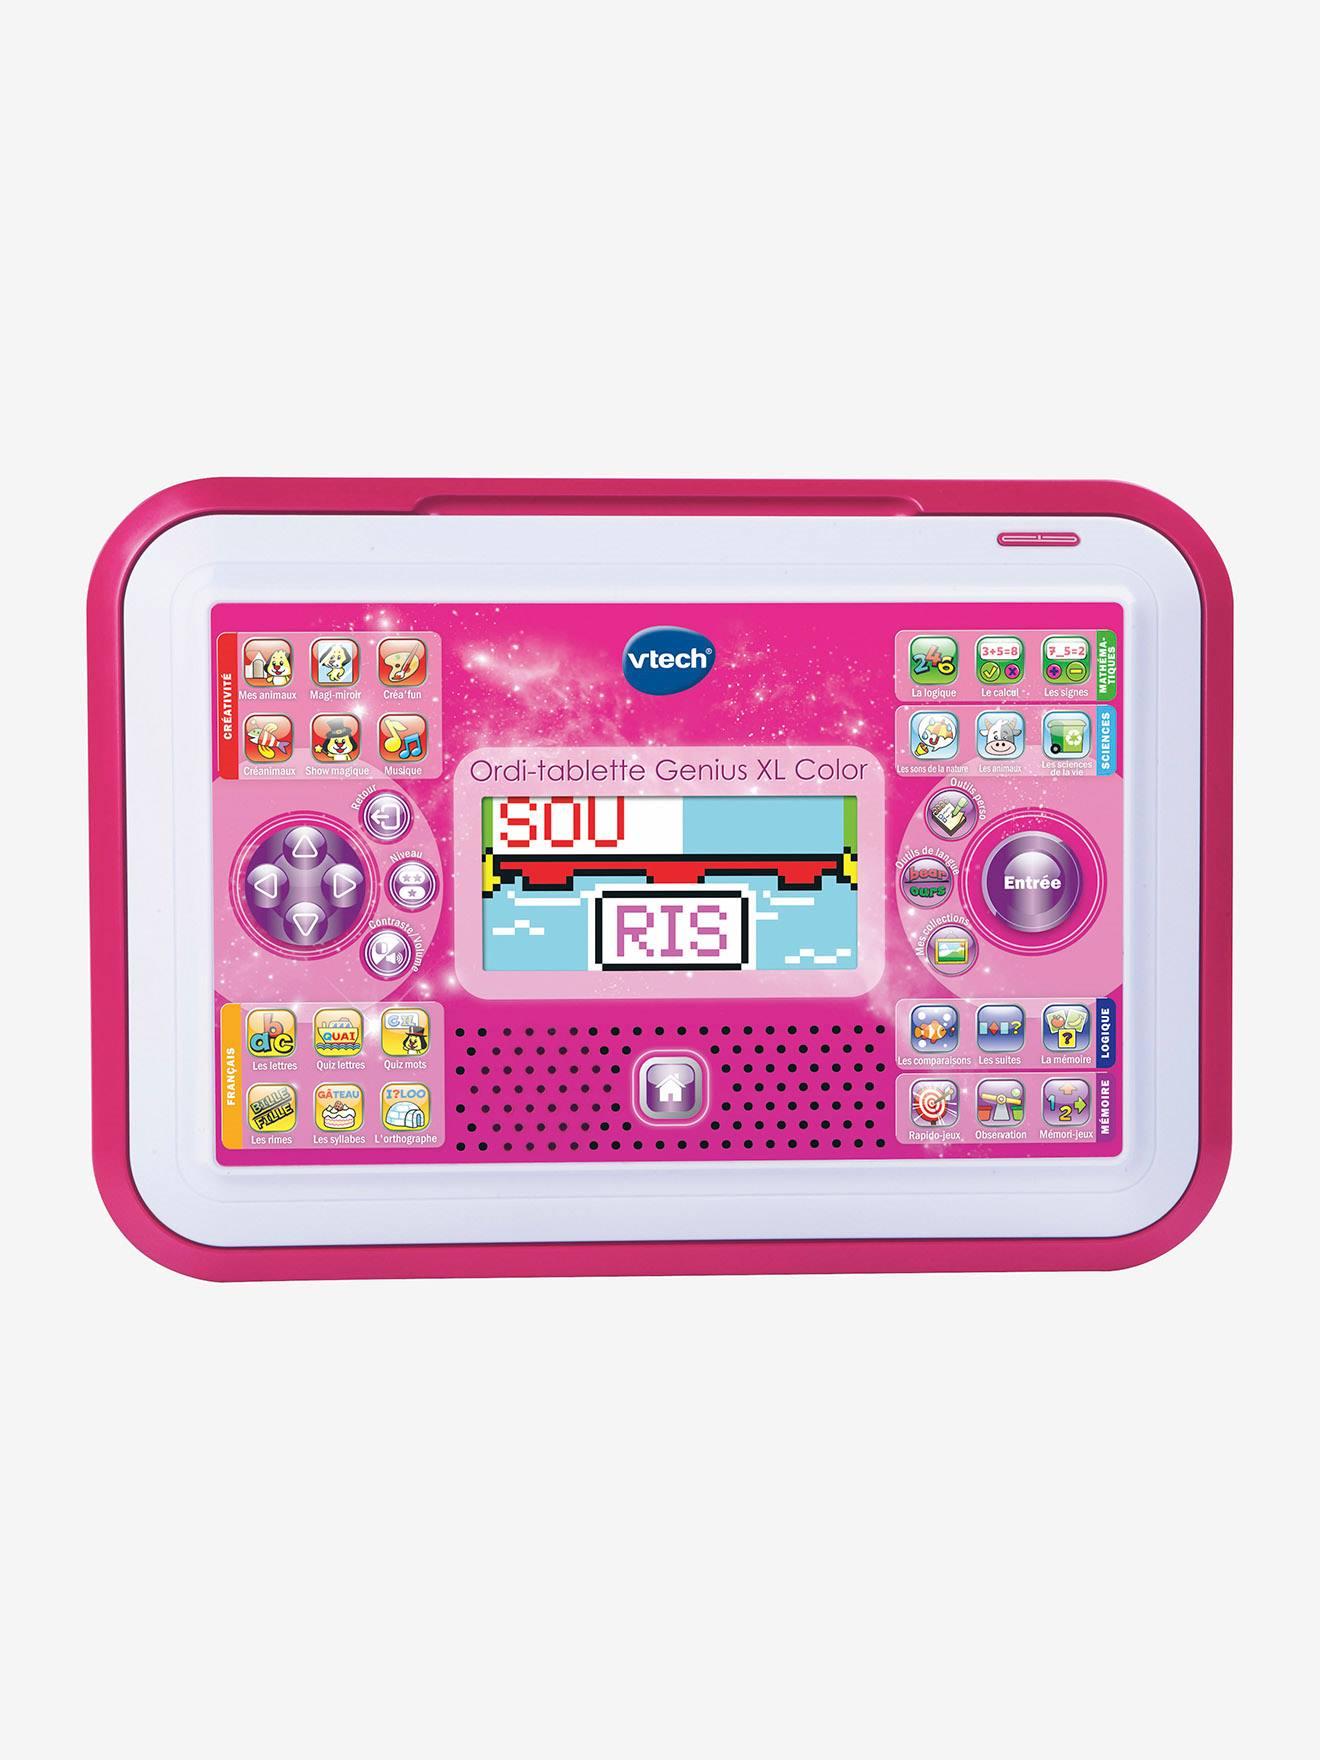 Ordi-tablette Genius XL Color VTECH rose